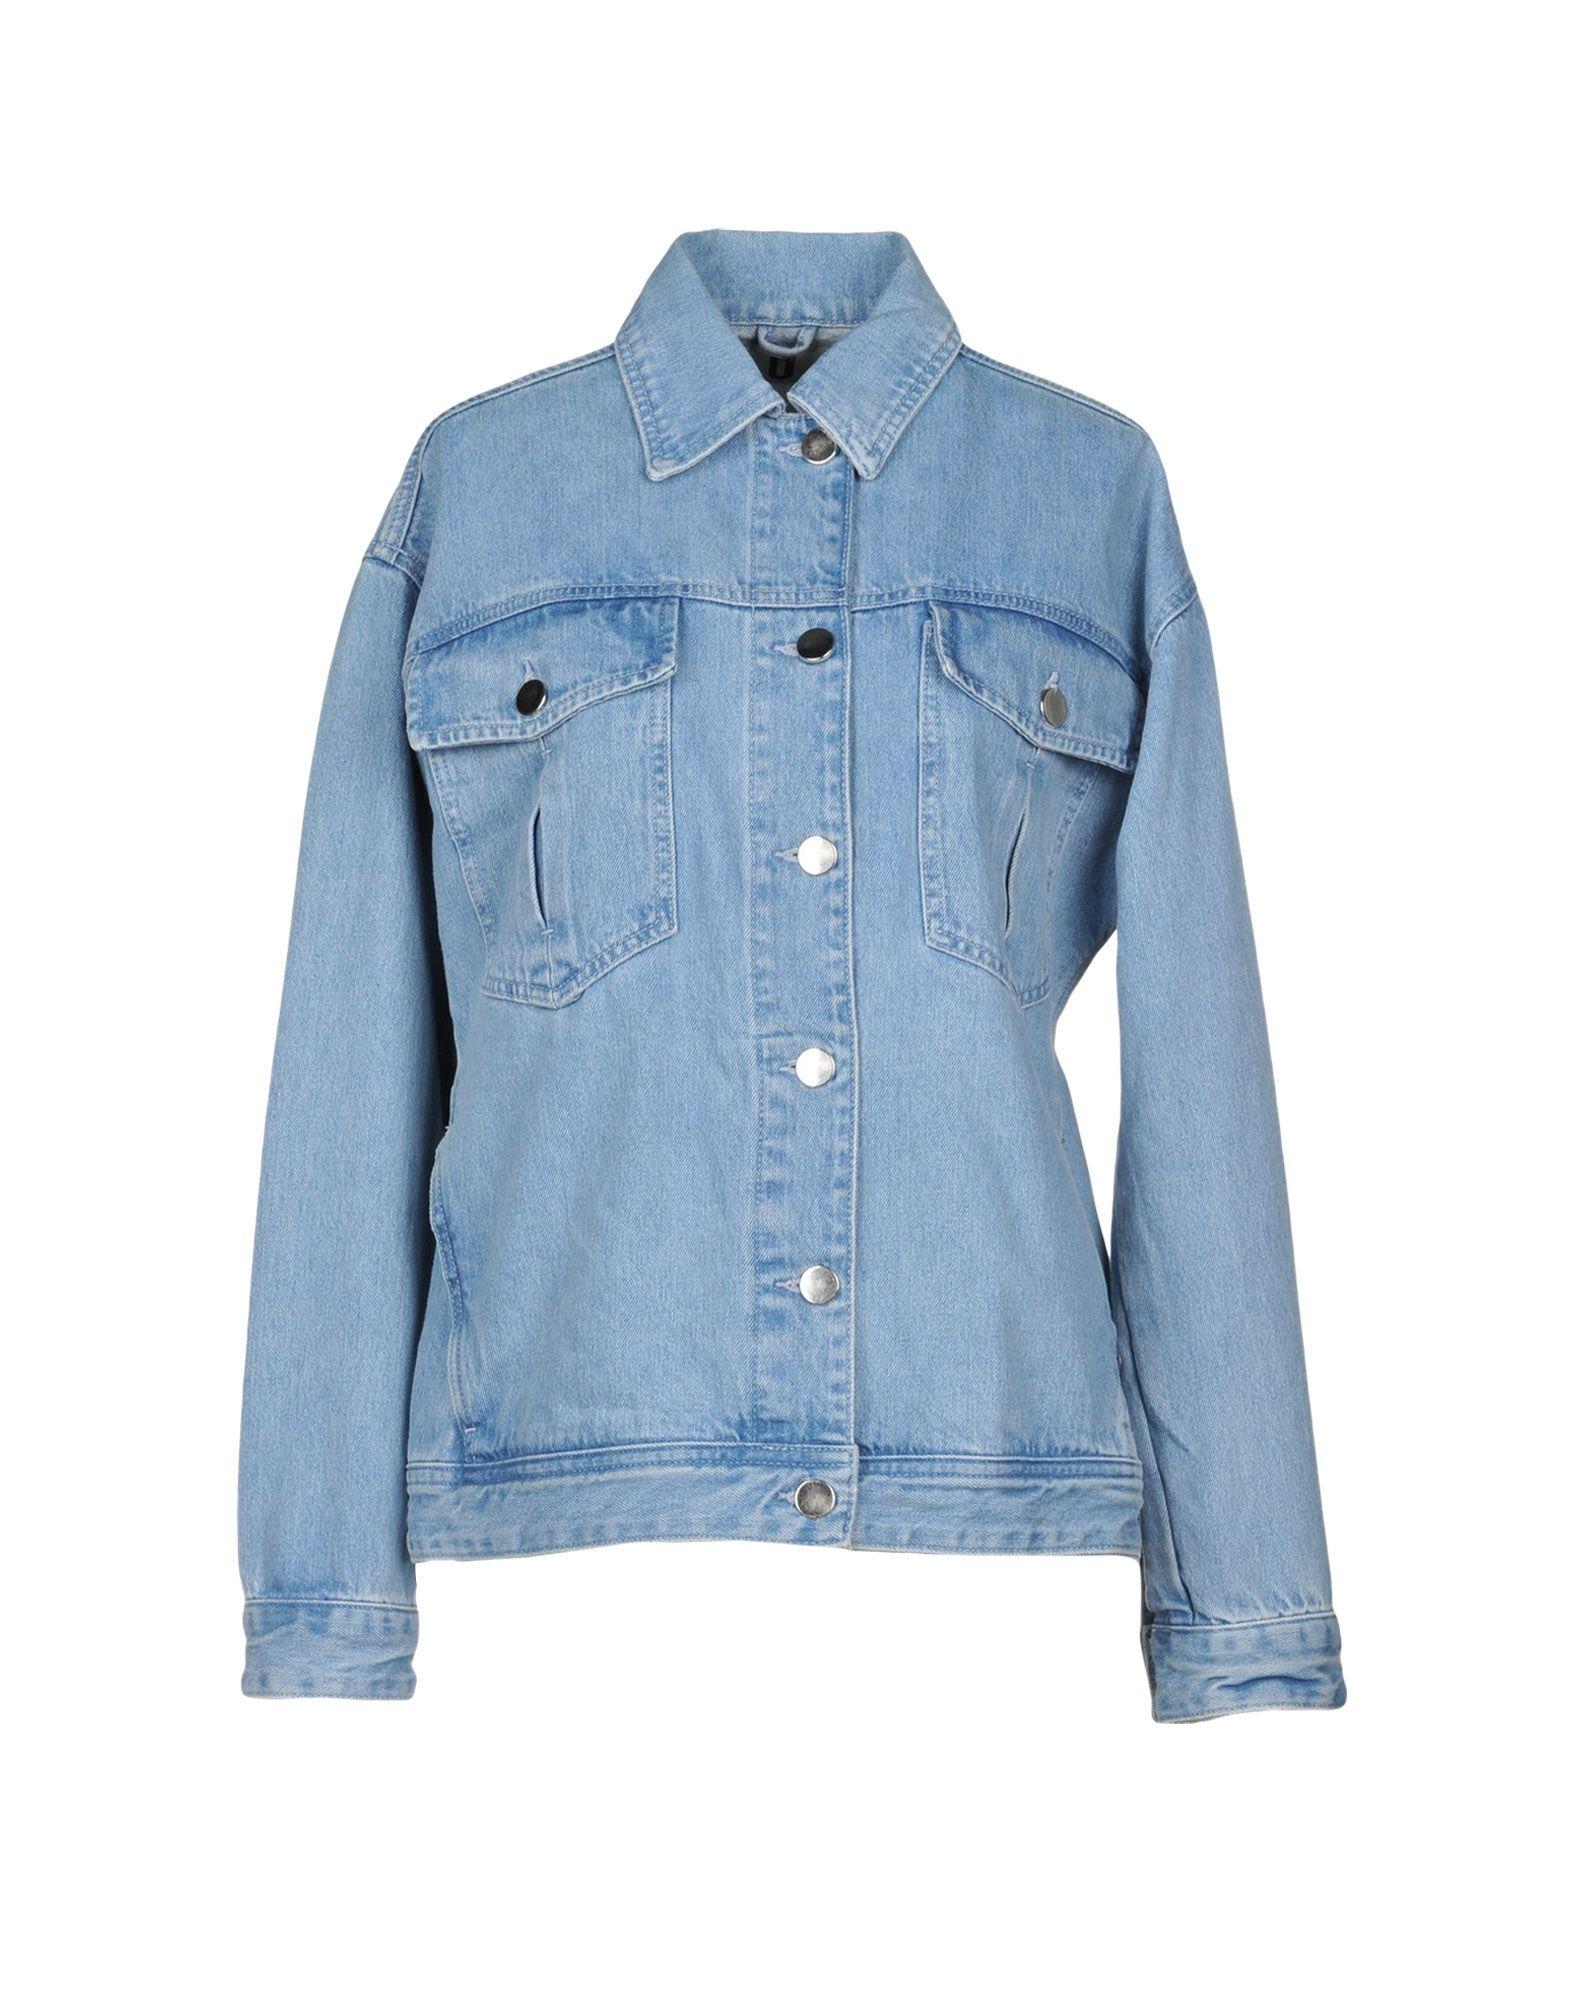 TOPSHOP UNIQUE Джинсовая верхняя одежда topshop unique джинсовая верхняя одежда